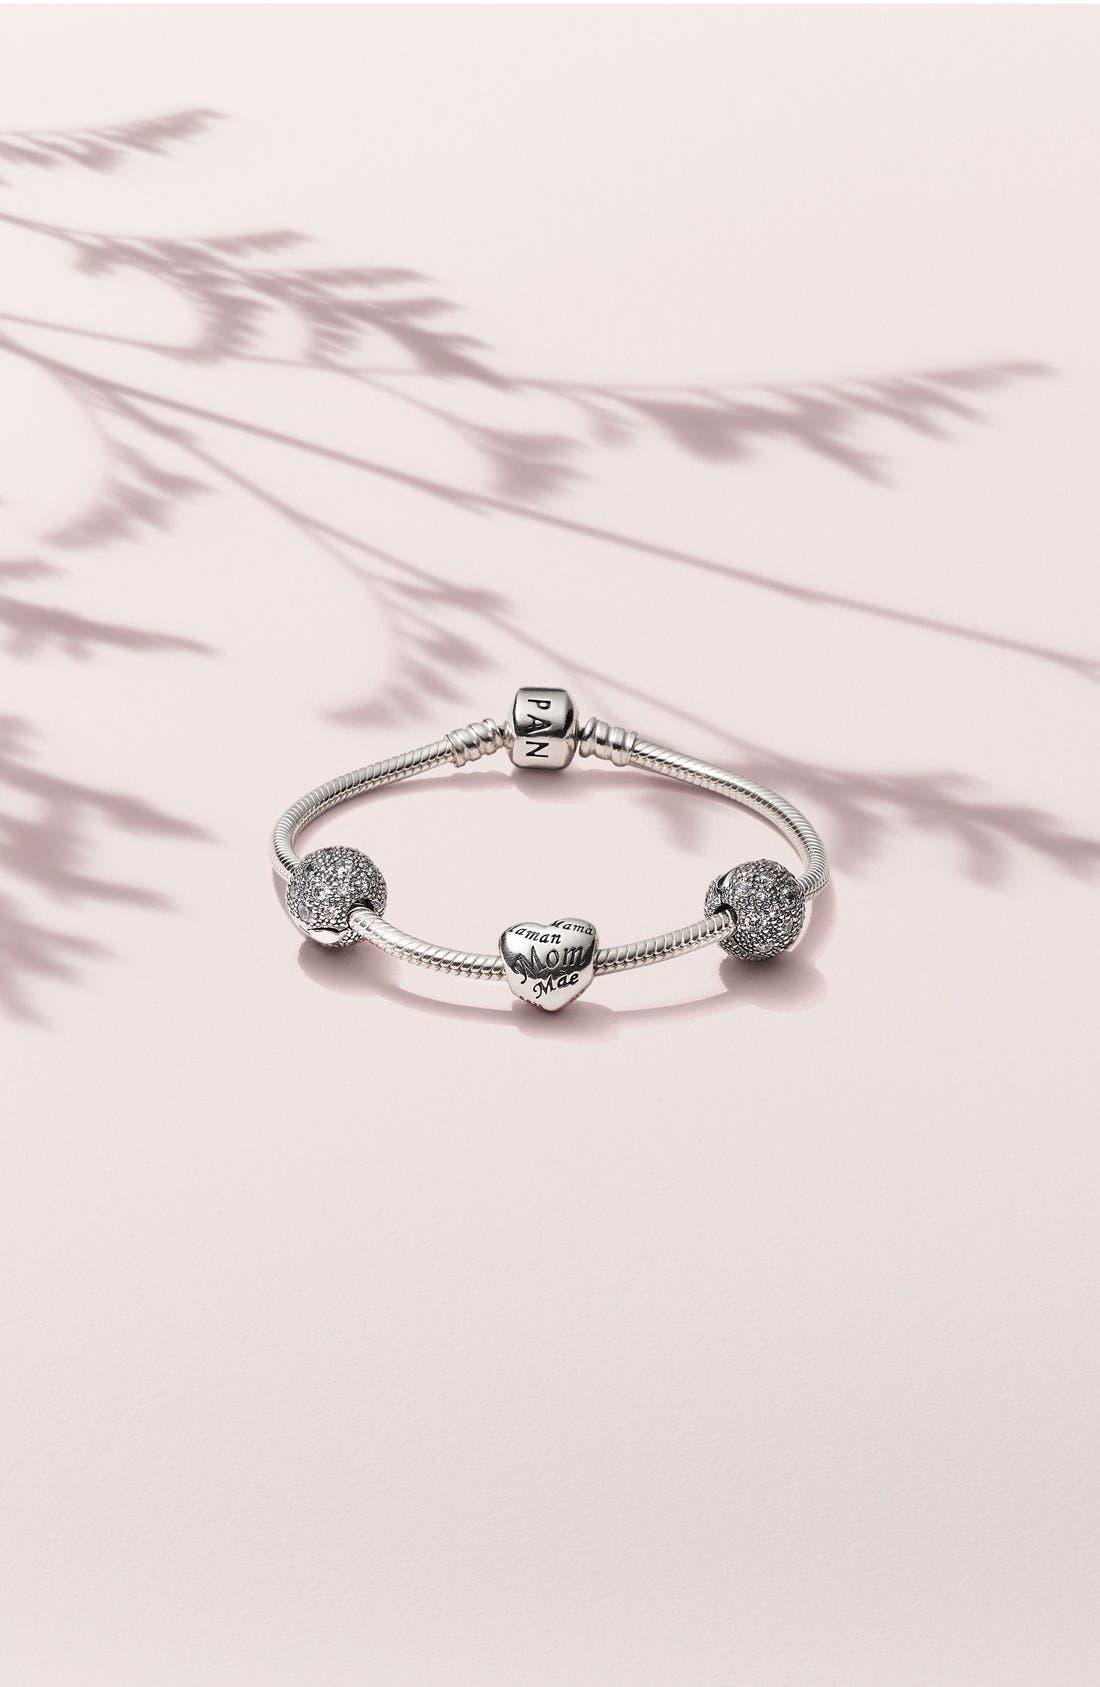 Alternate Image 2  - PANDORA 'Forever in My Heart' Boxed Charm Bracelet Set ($250 Value)